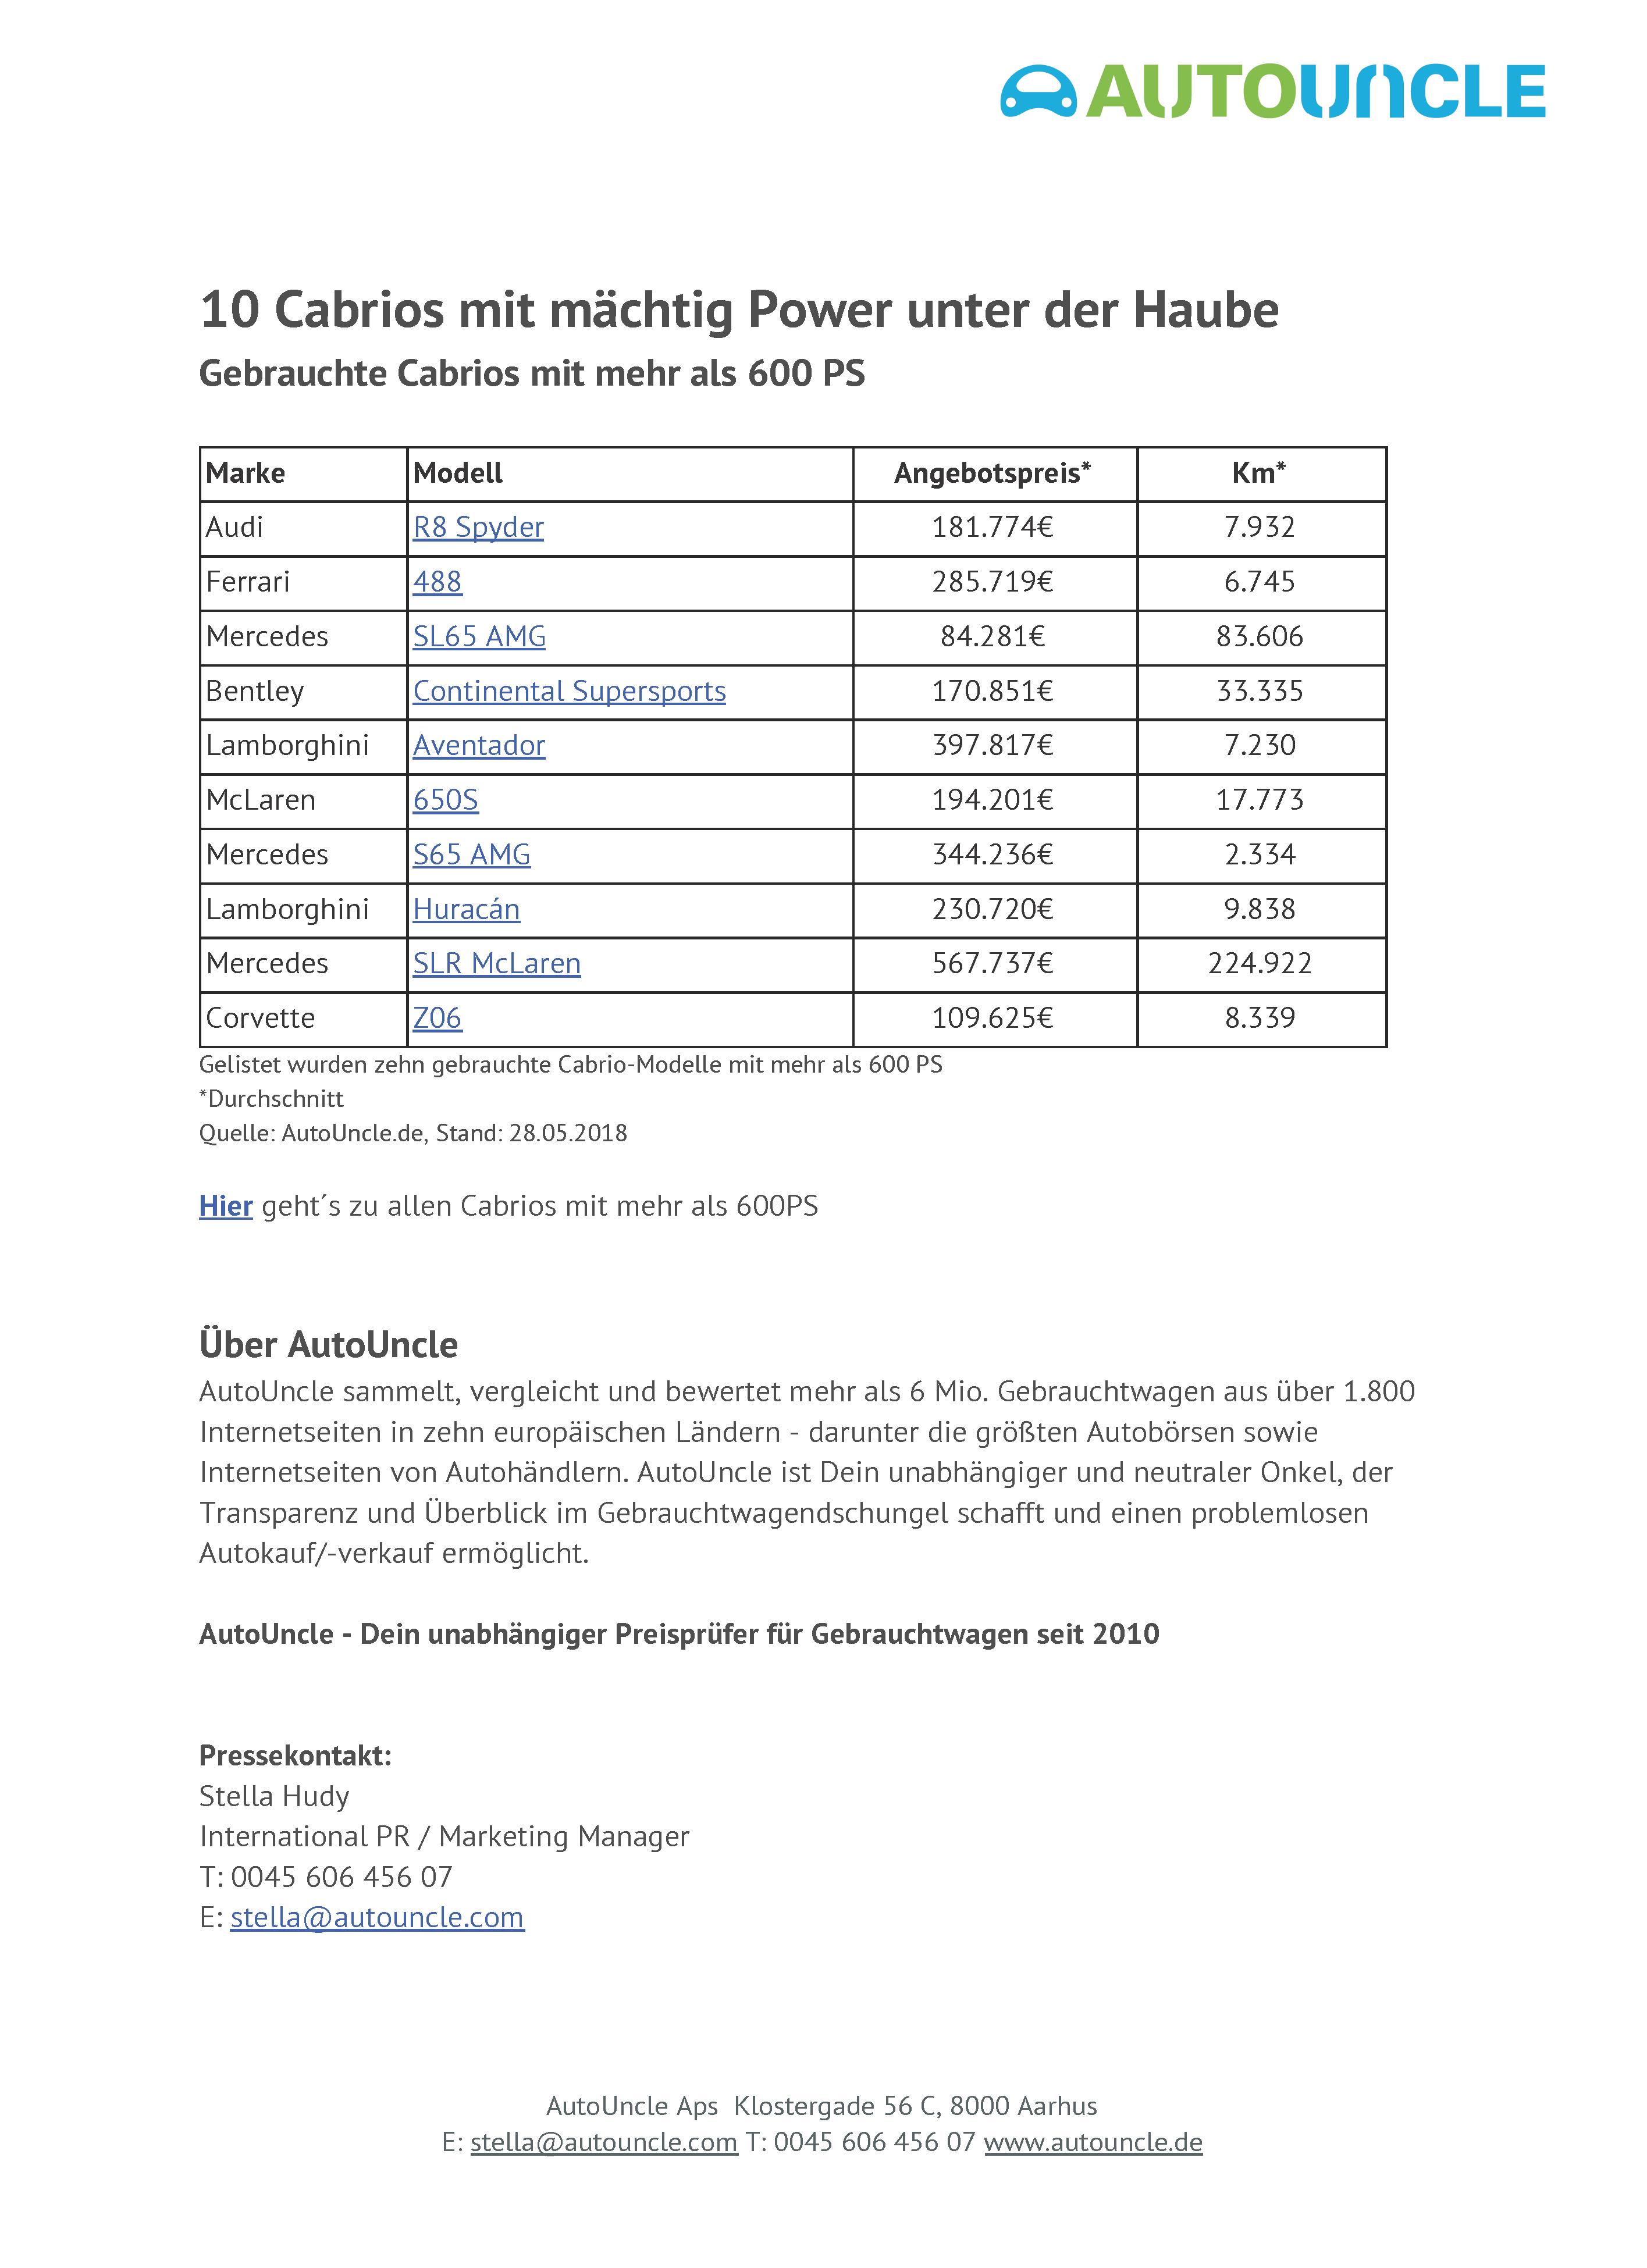 Zehn gebrauchte Cabrios mit mehr als 600 PS und was diese kosten